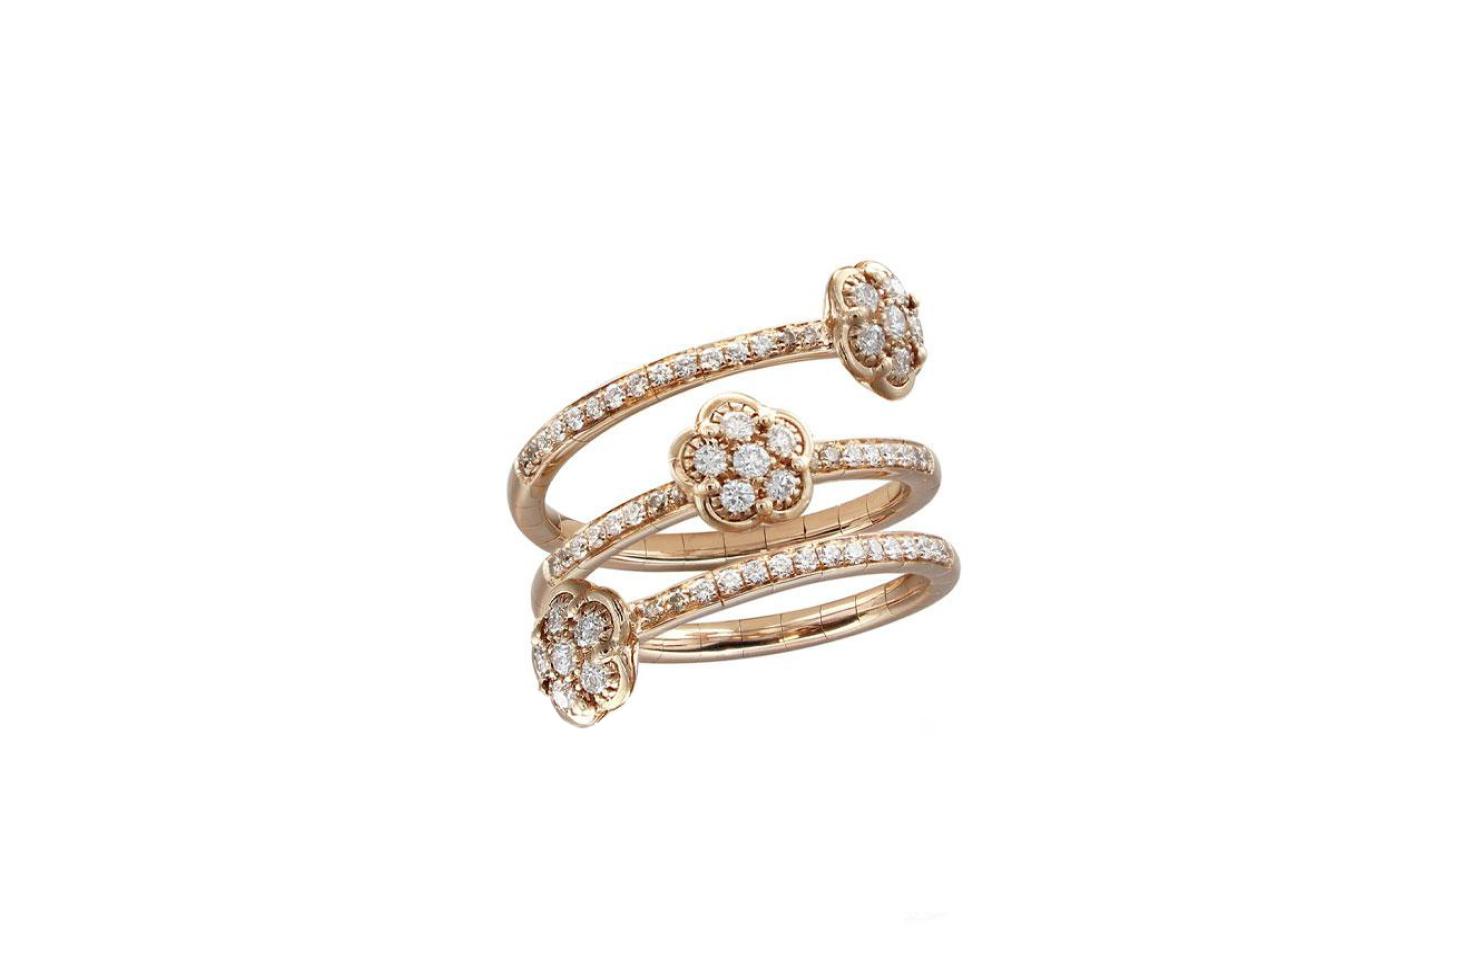 Pasquale Bruni Figlia Dei Fiori Diamond Multi-Row Ring